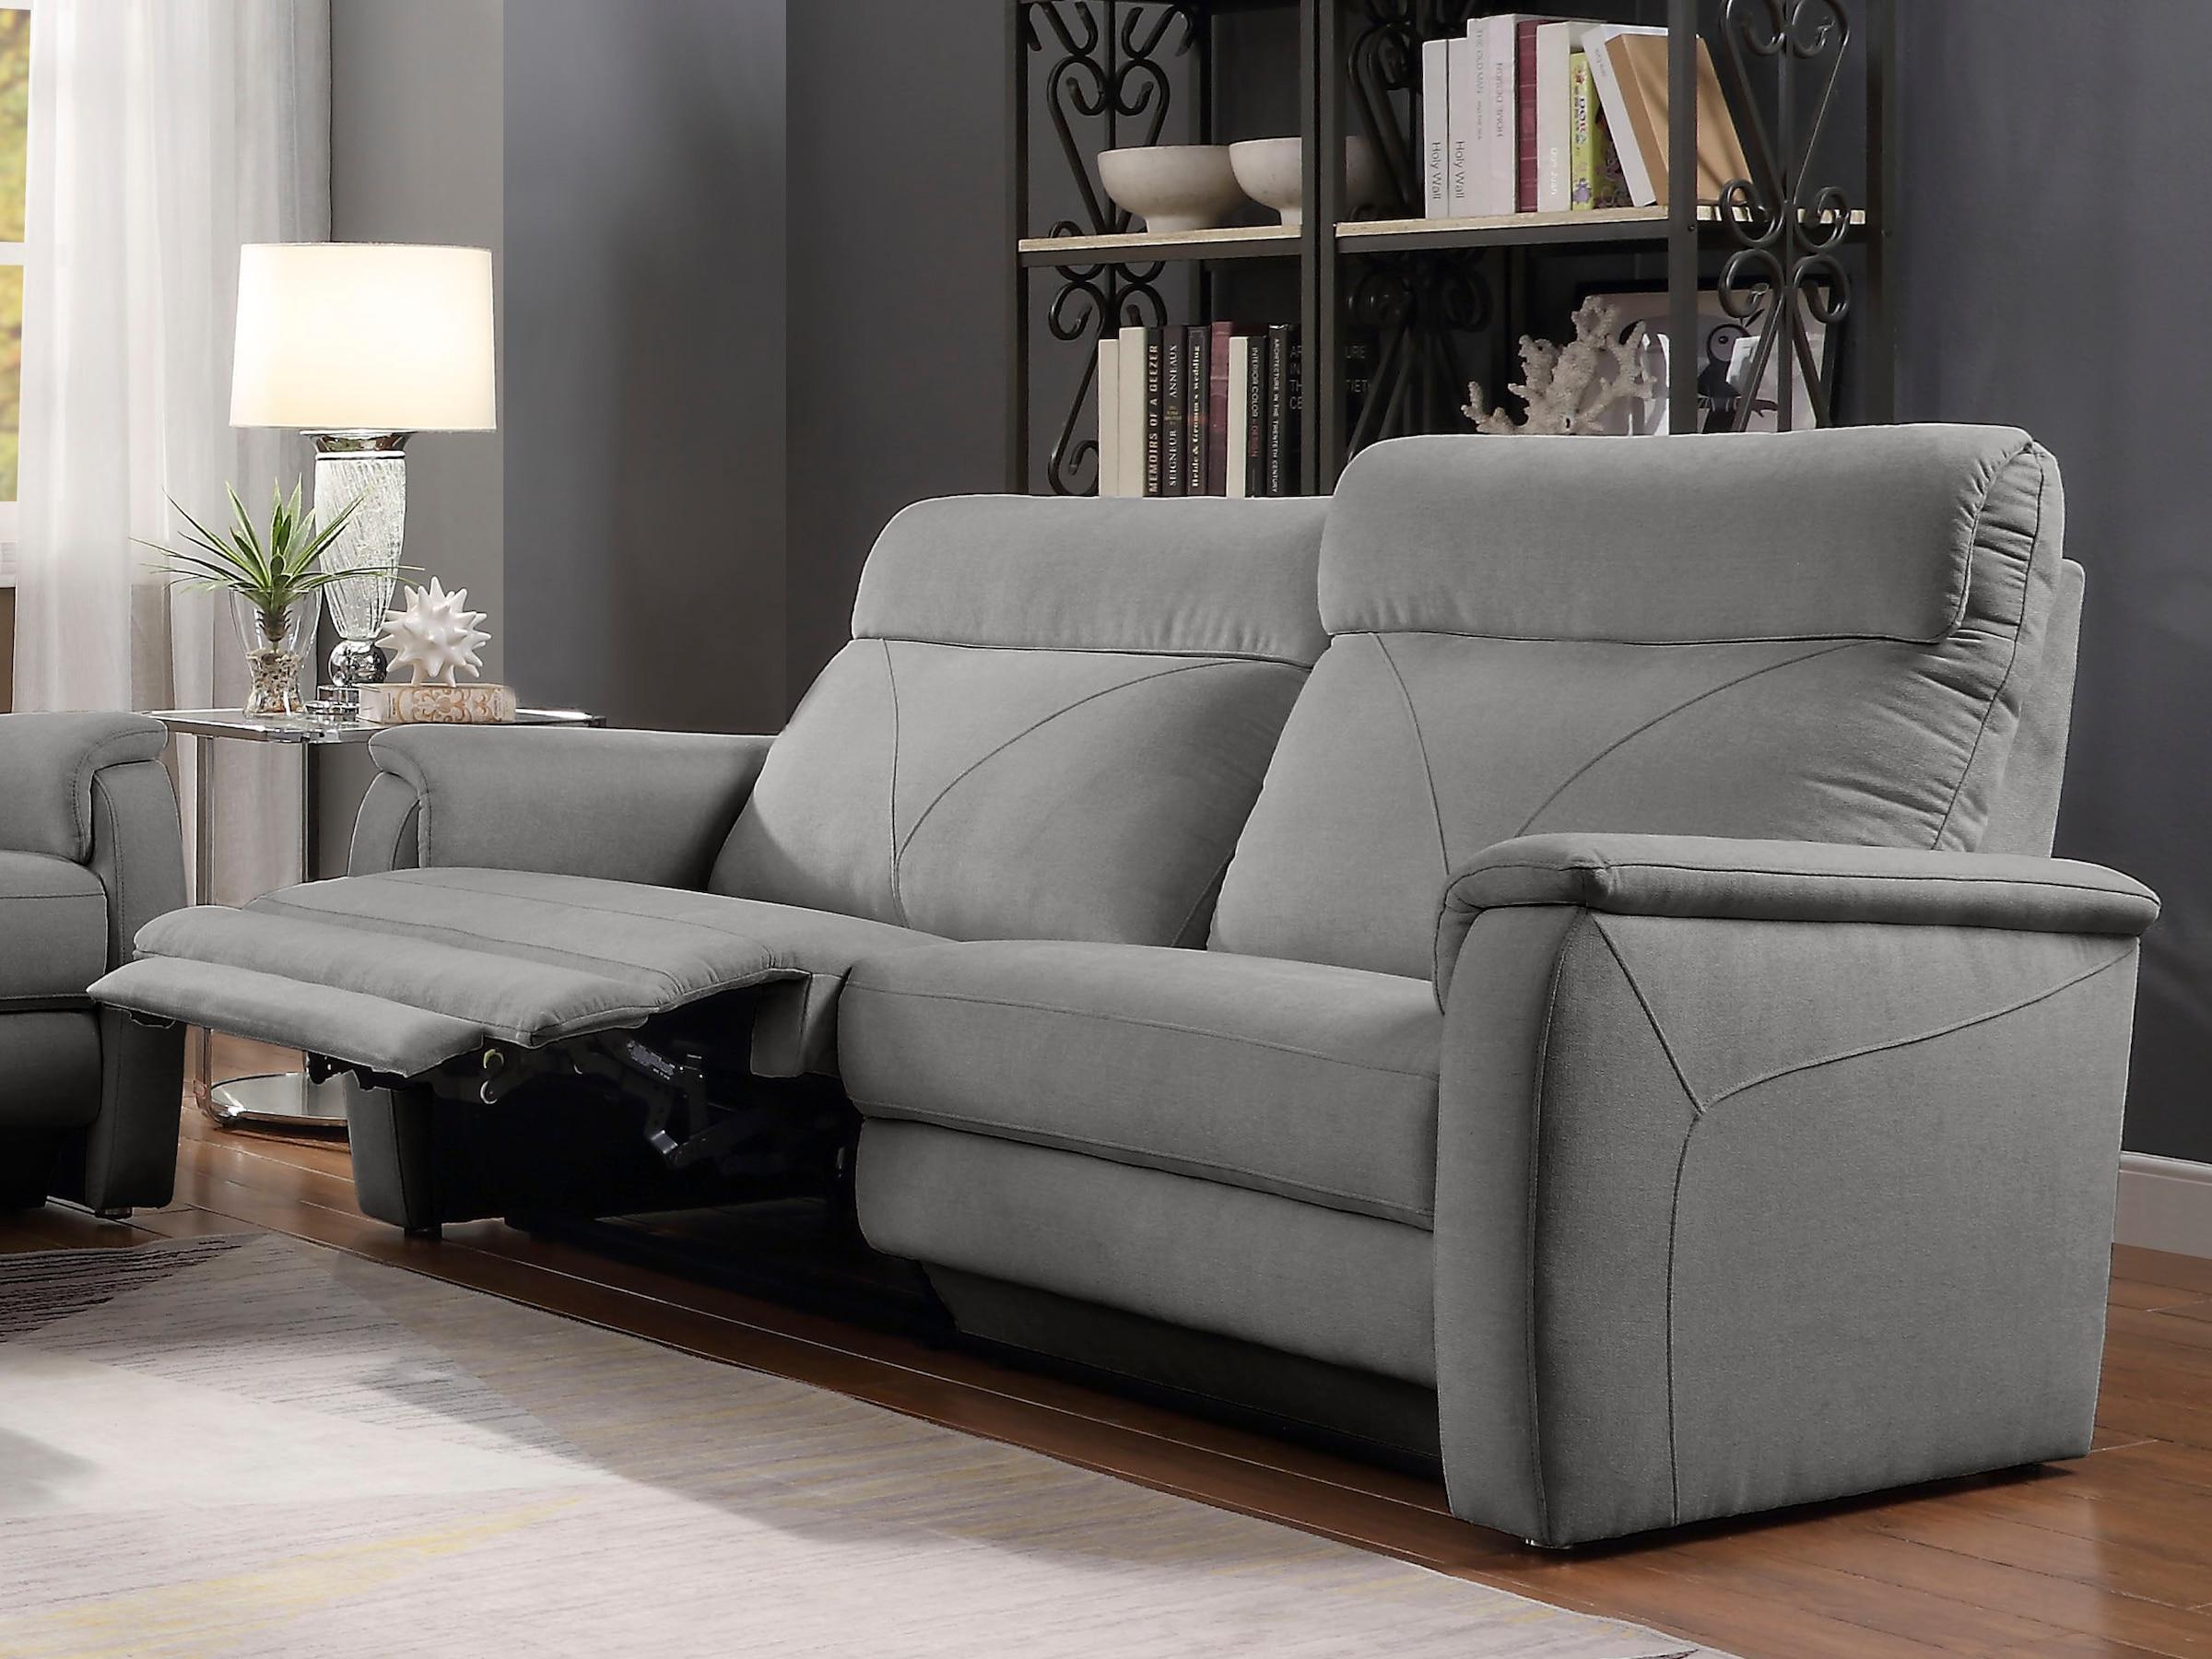 Image of ATLANTIC home collection 2-Sitzer »Stefan«, mit einer Relaxfunktion, Taschenfederkern und eleganten Ziernähten